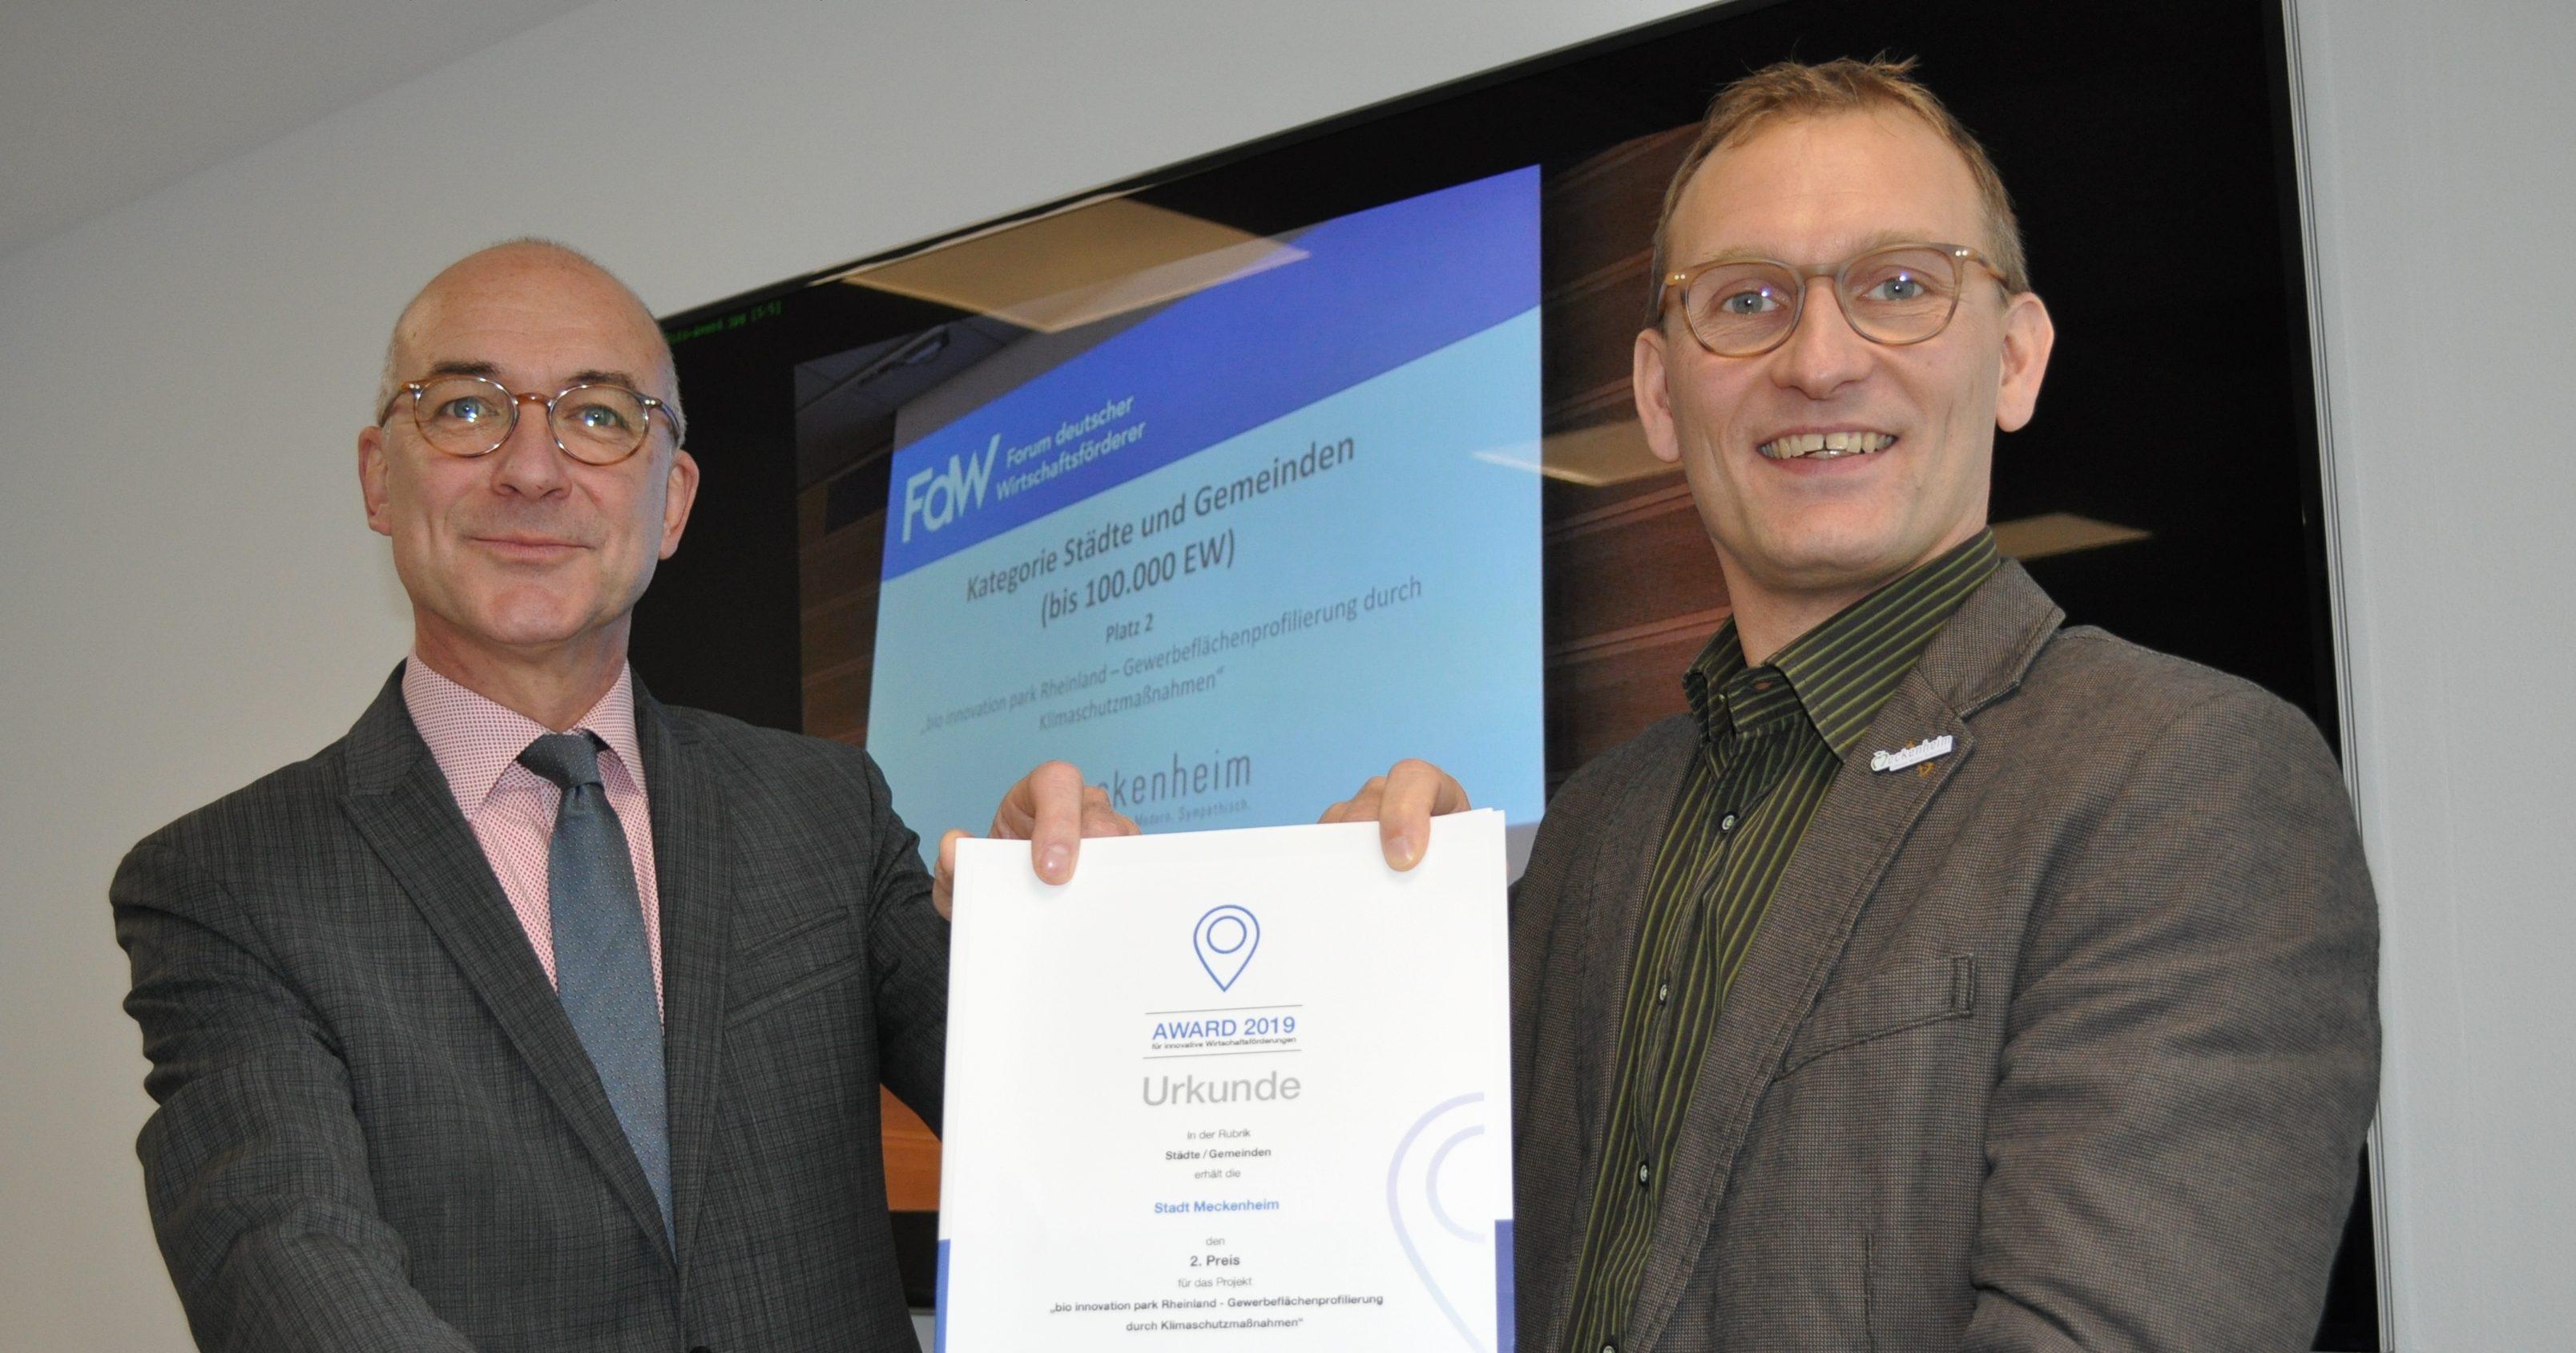 Foto zeigt Bert Spilles und Dirk Schwindenhammer